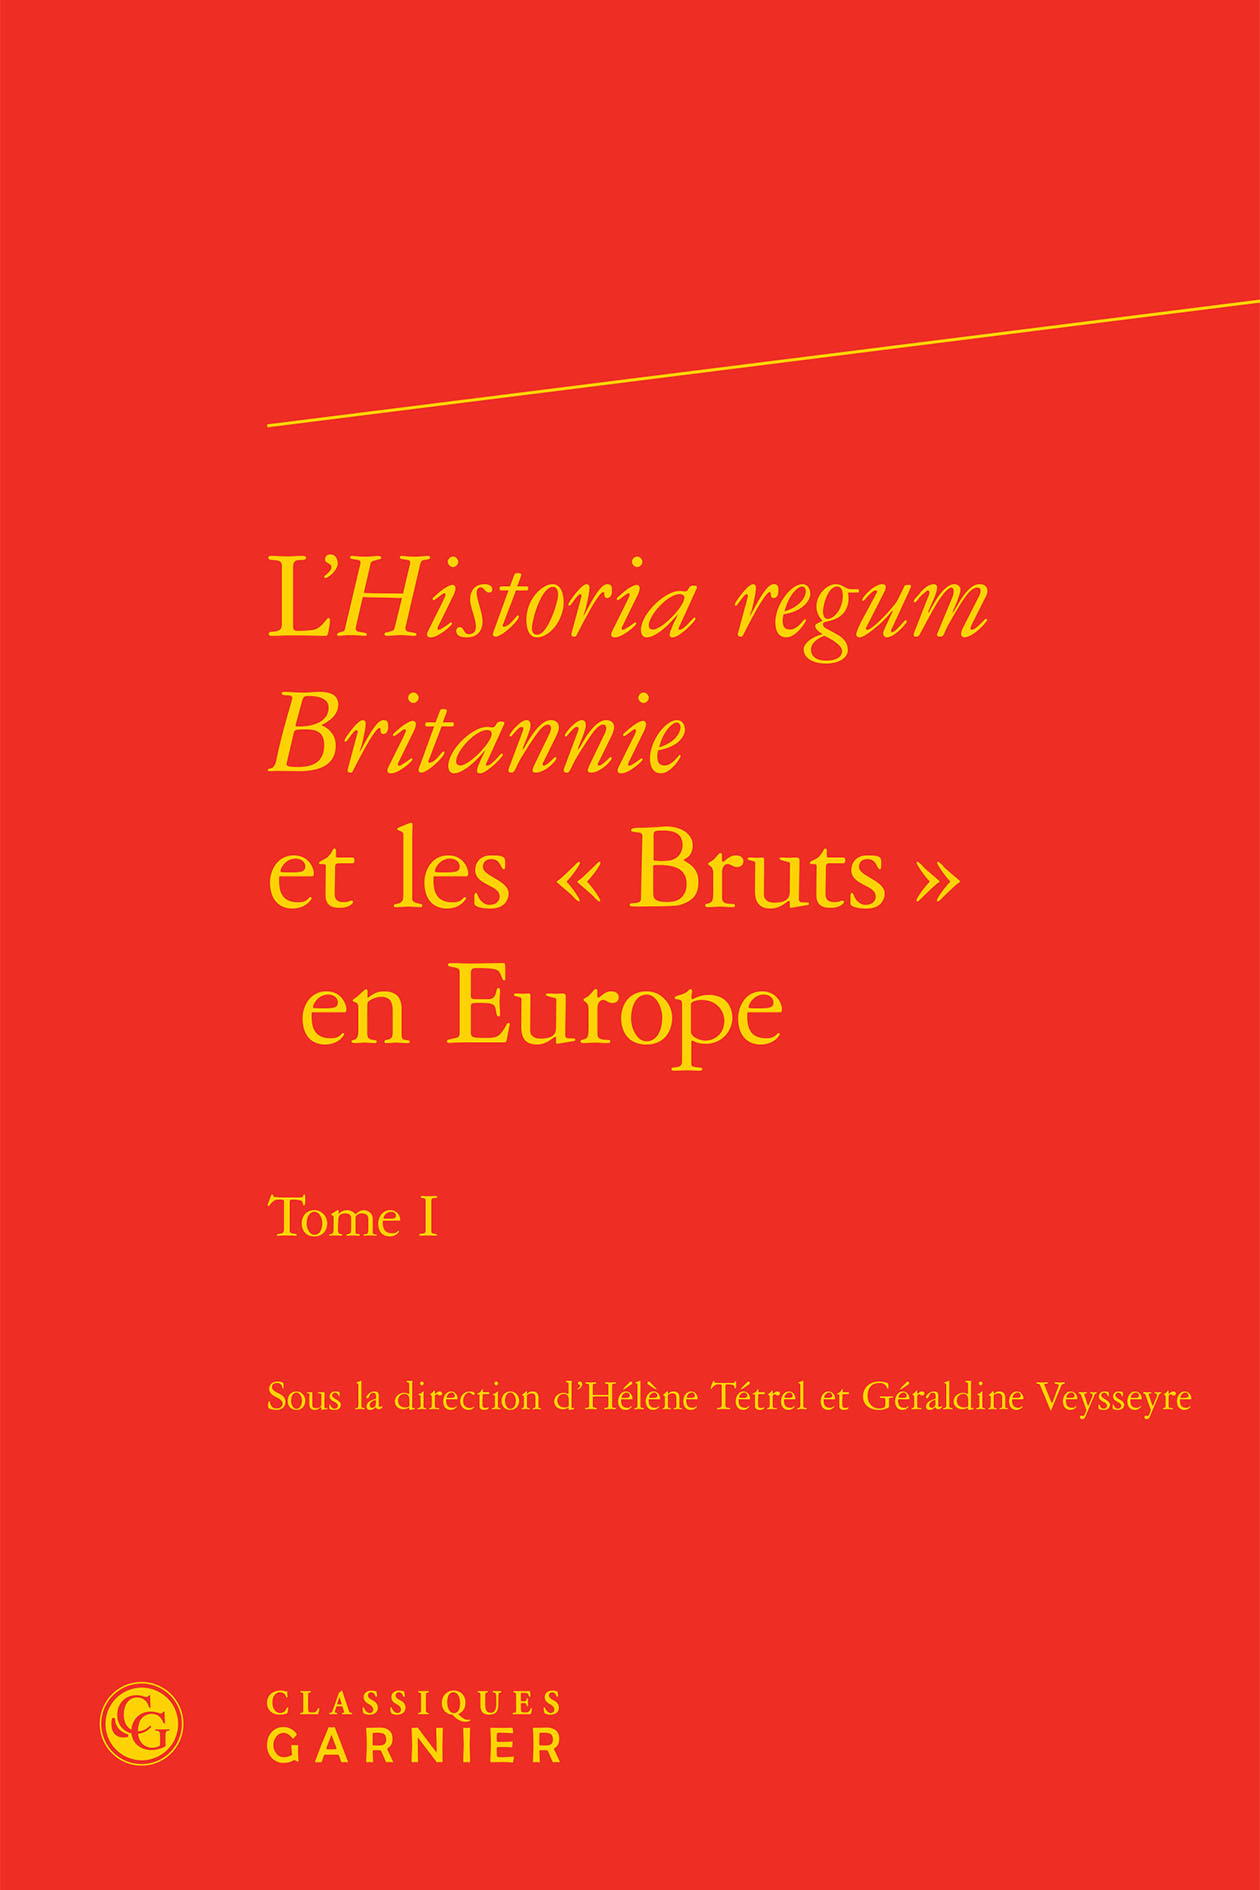 L'HISTORIA REGUM BRITANNIE ET LES